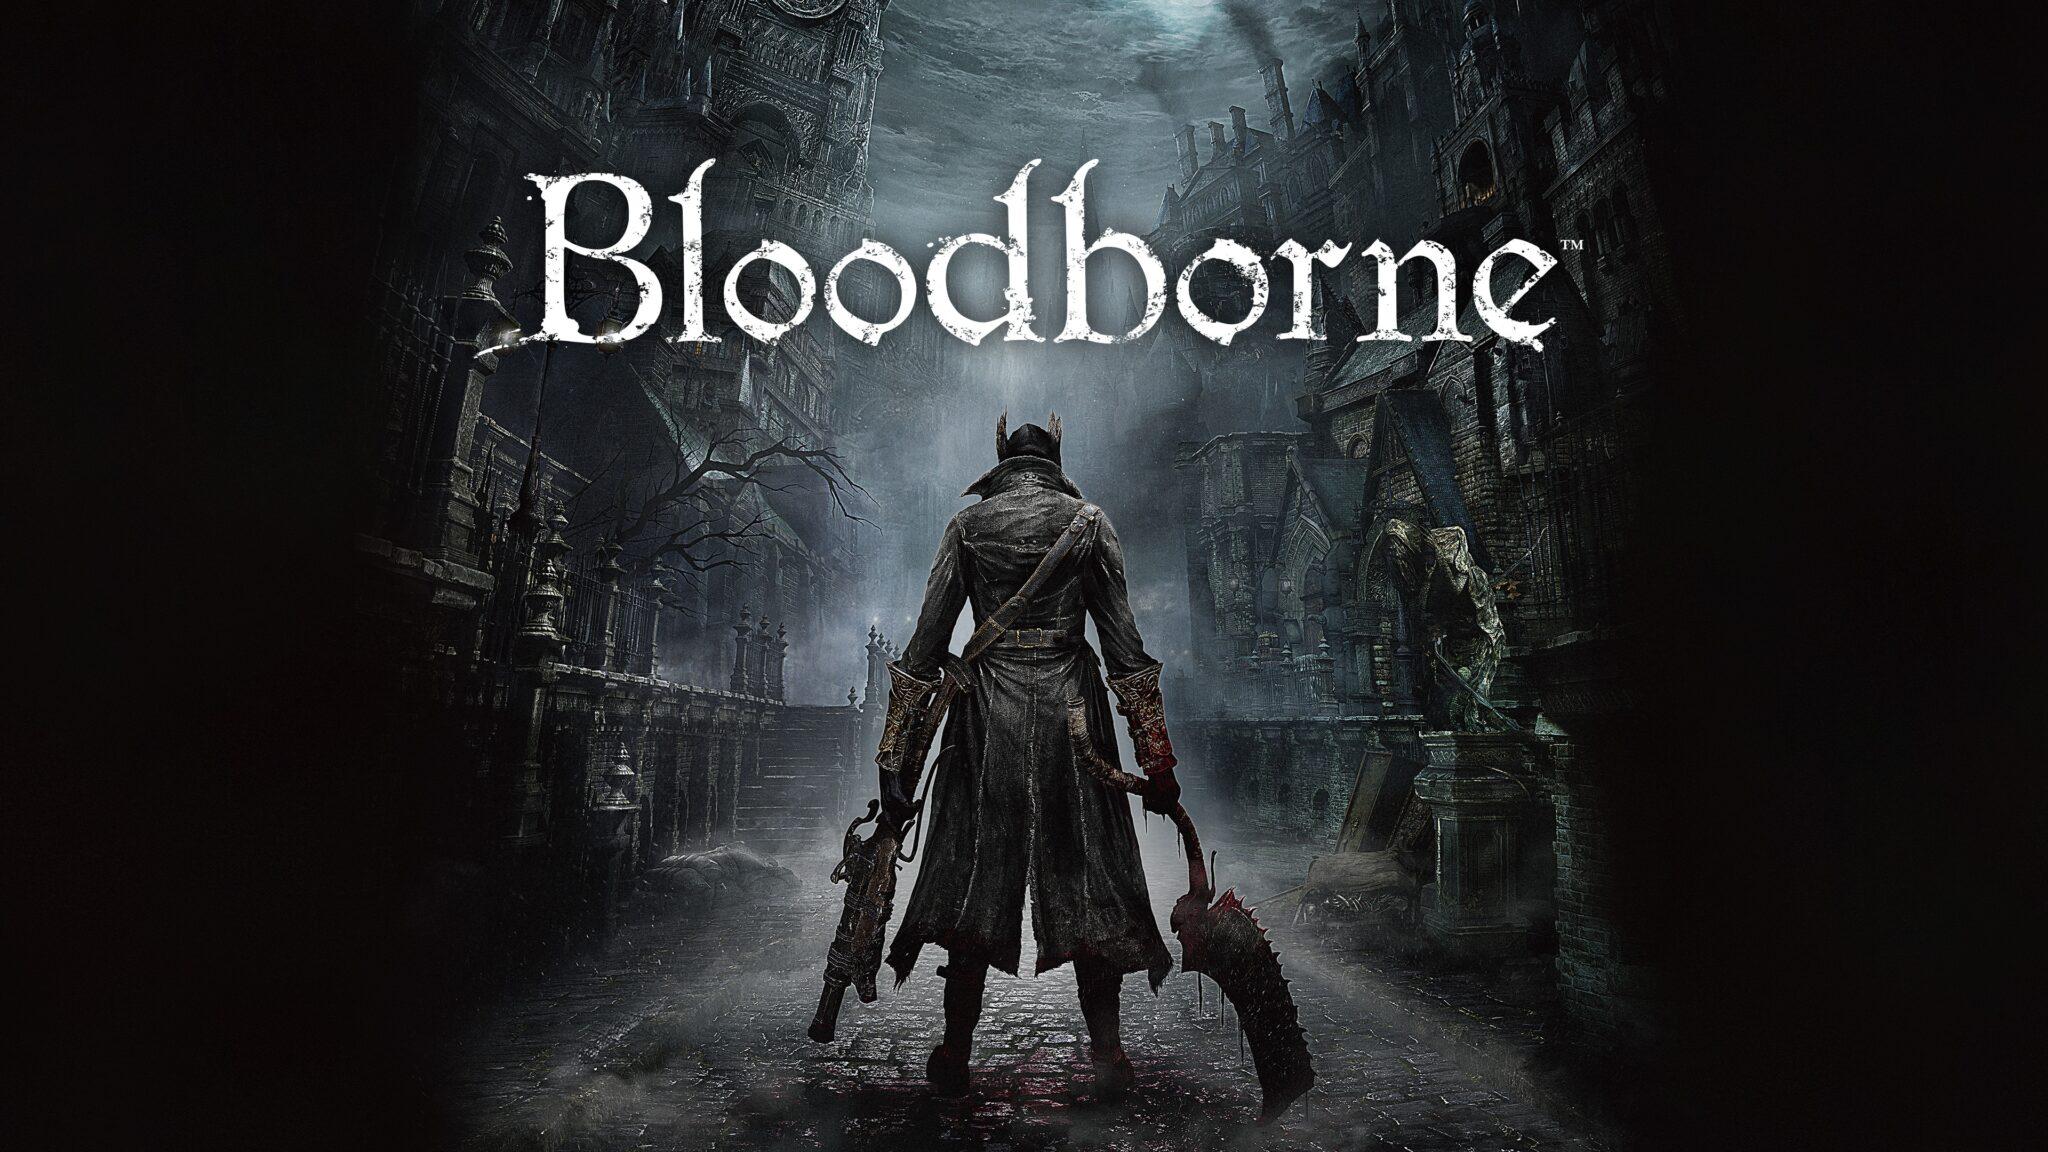 ۵ بازی سولزلایک که مشابه عنوان Bloodborne هستند